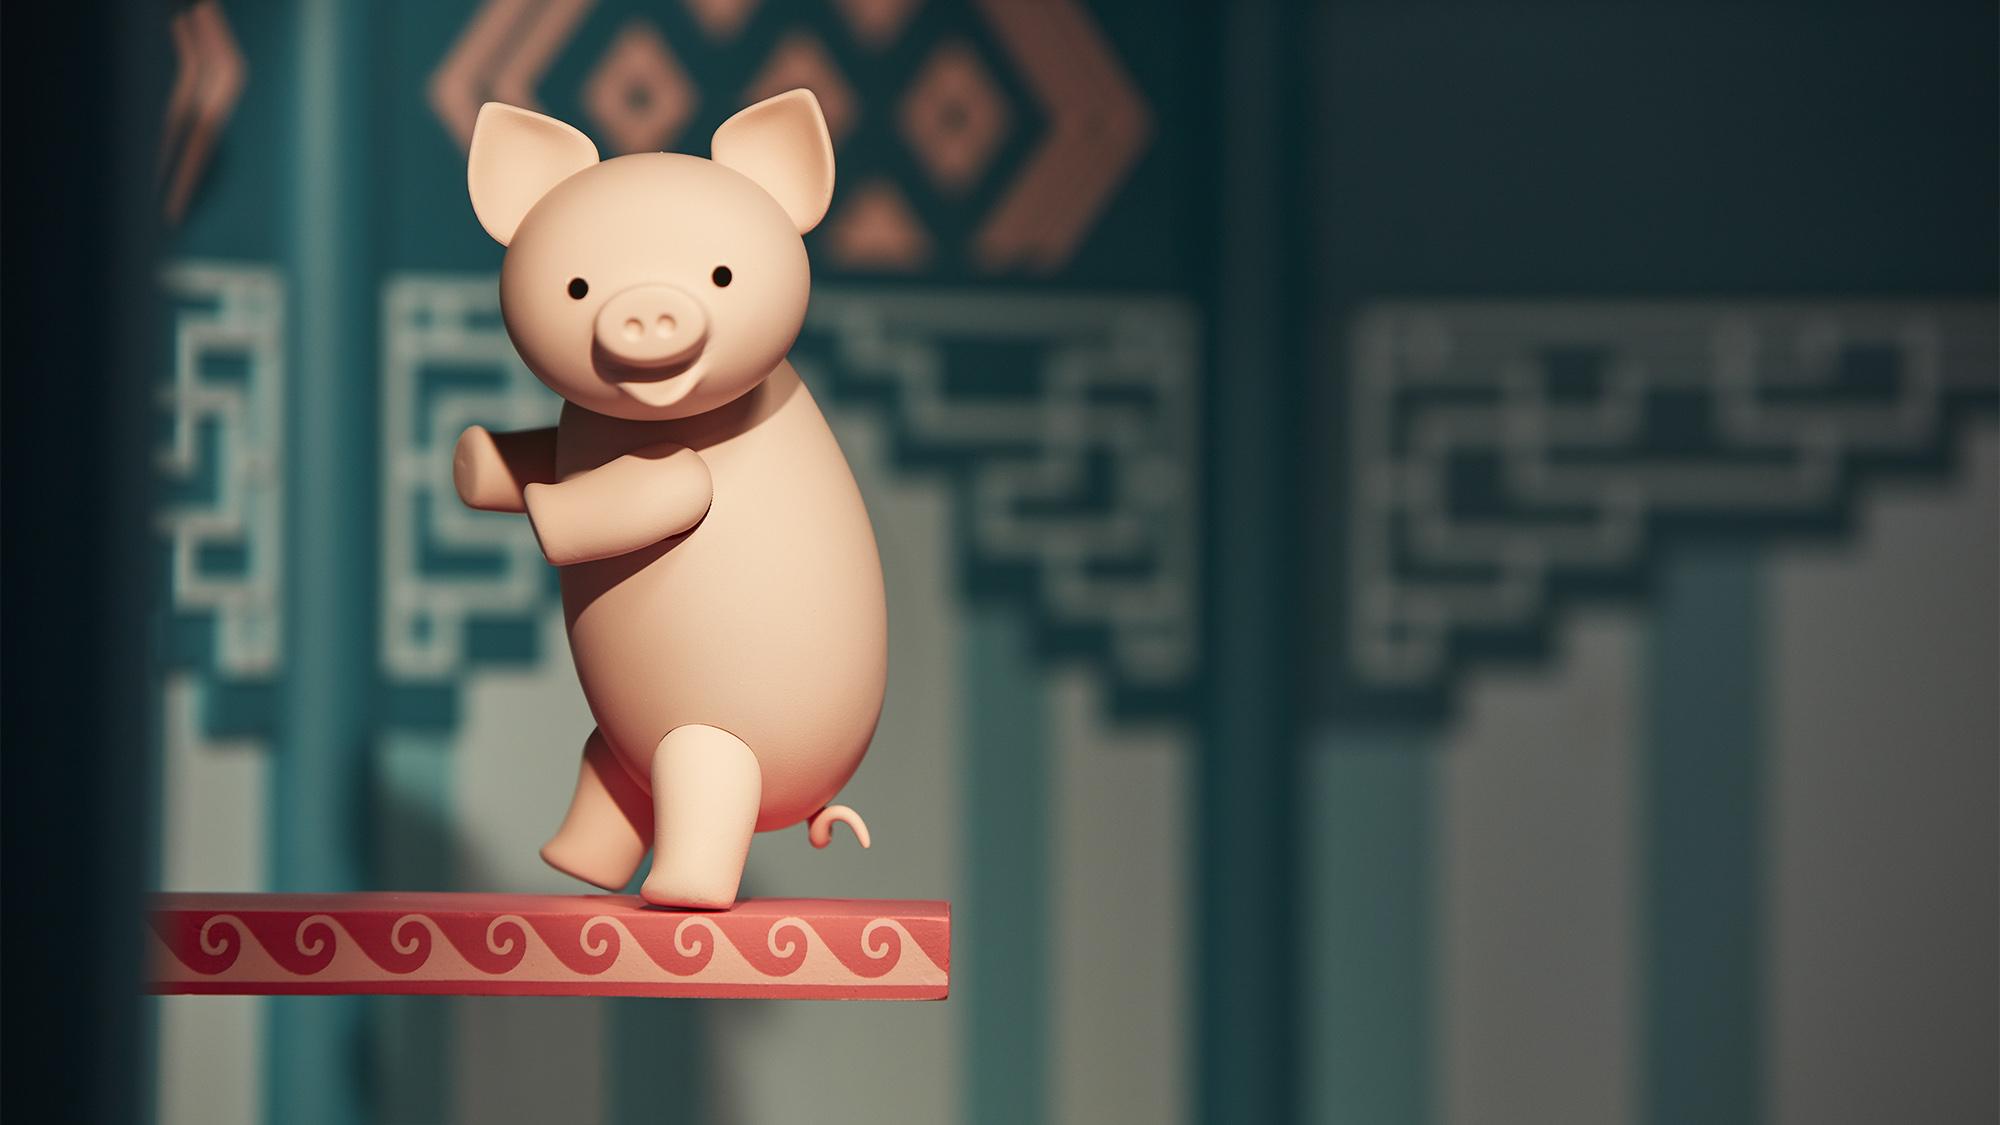 Pig_006_02_X1_0003